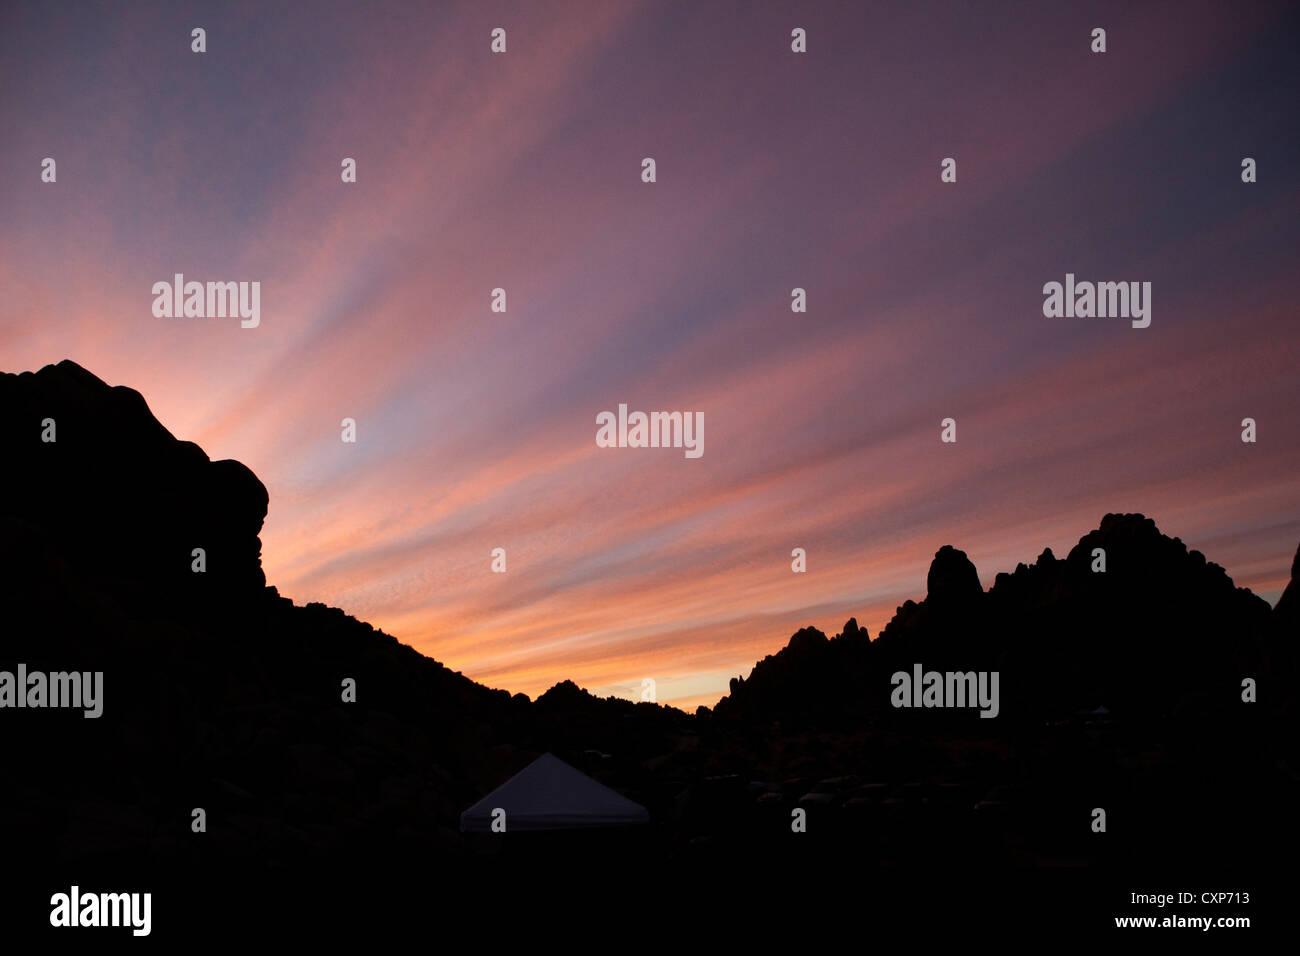 Nuages dans le désert avec silhouette de roches et de montagnes. Photo Stock